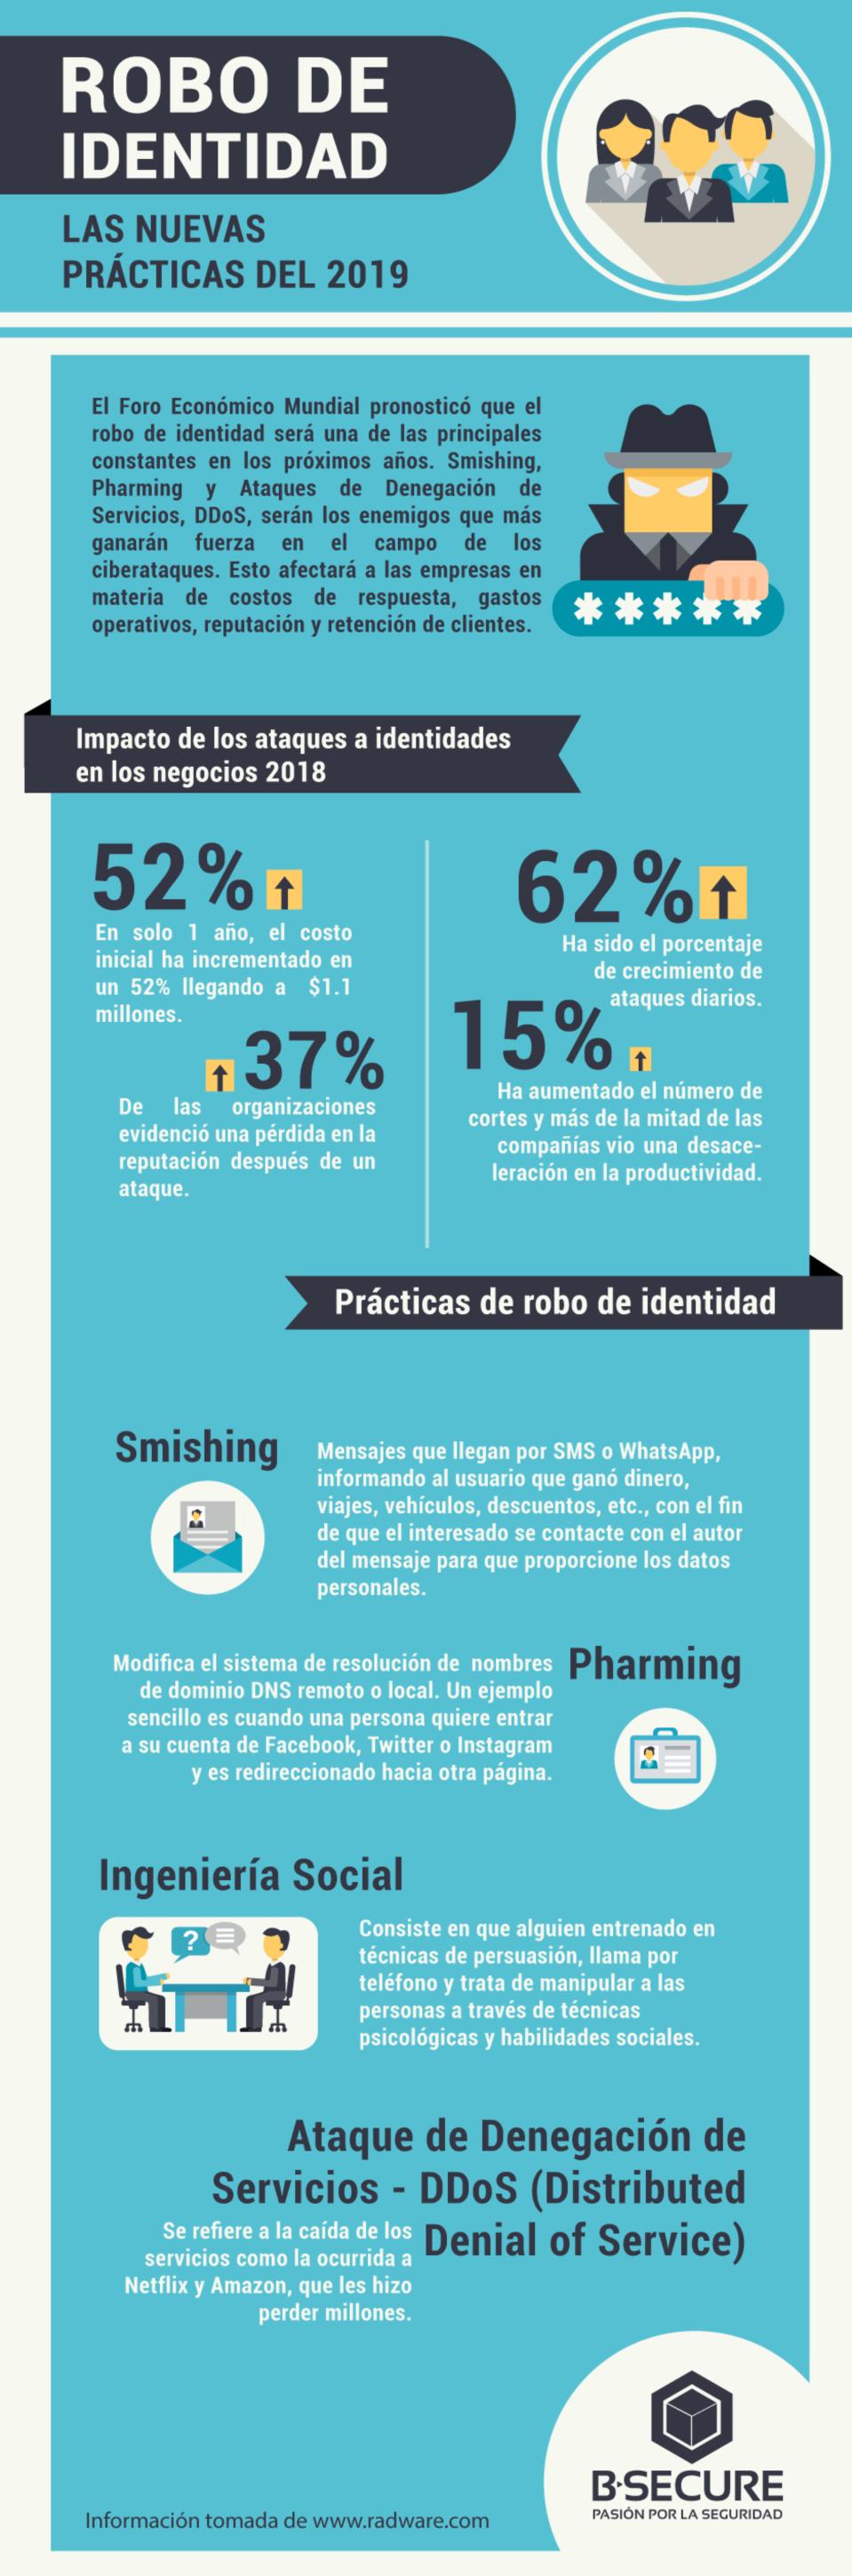 ROBO DE IDENTIDAD (2)